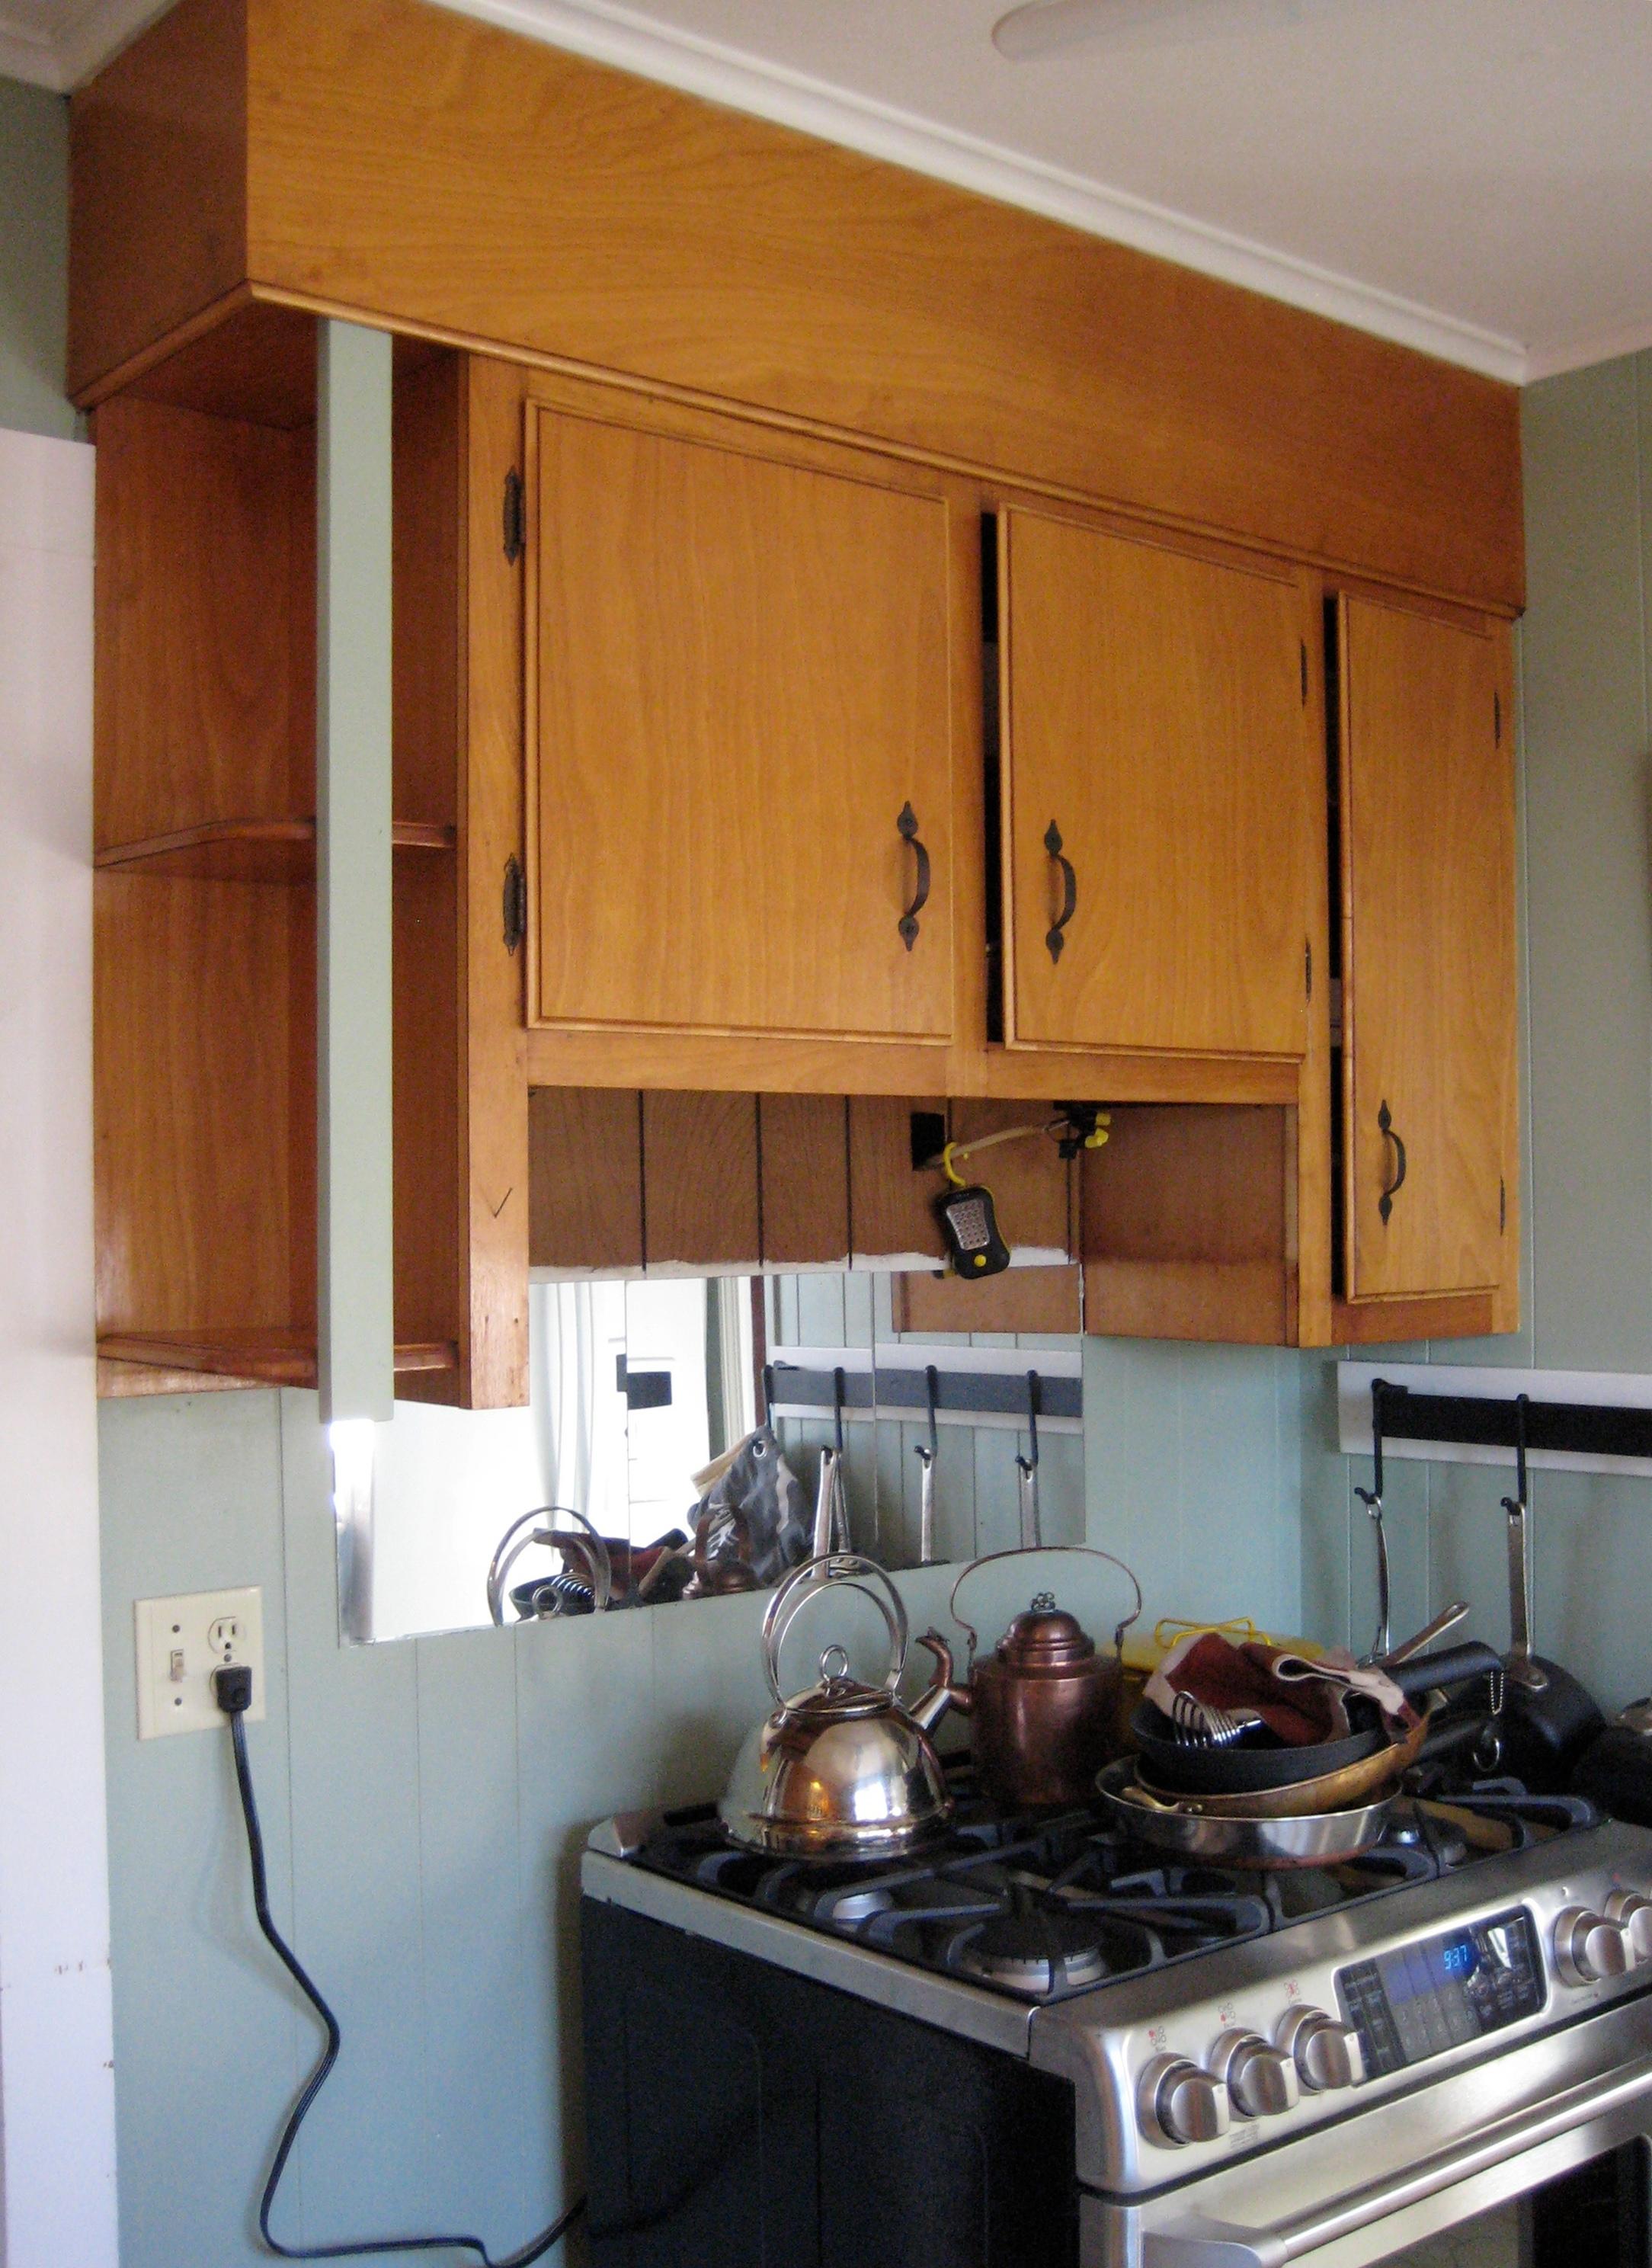 Best Kitchen Gallery: Kitchen Makeover C Crowder Painting of 1950s Kitchen Cabinets on rachelxblog.com